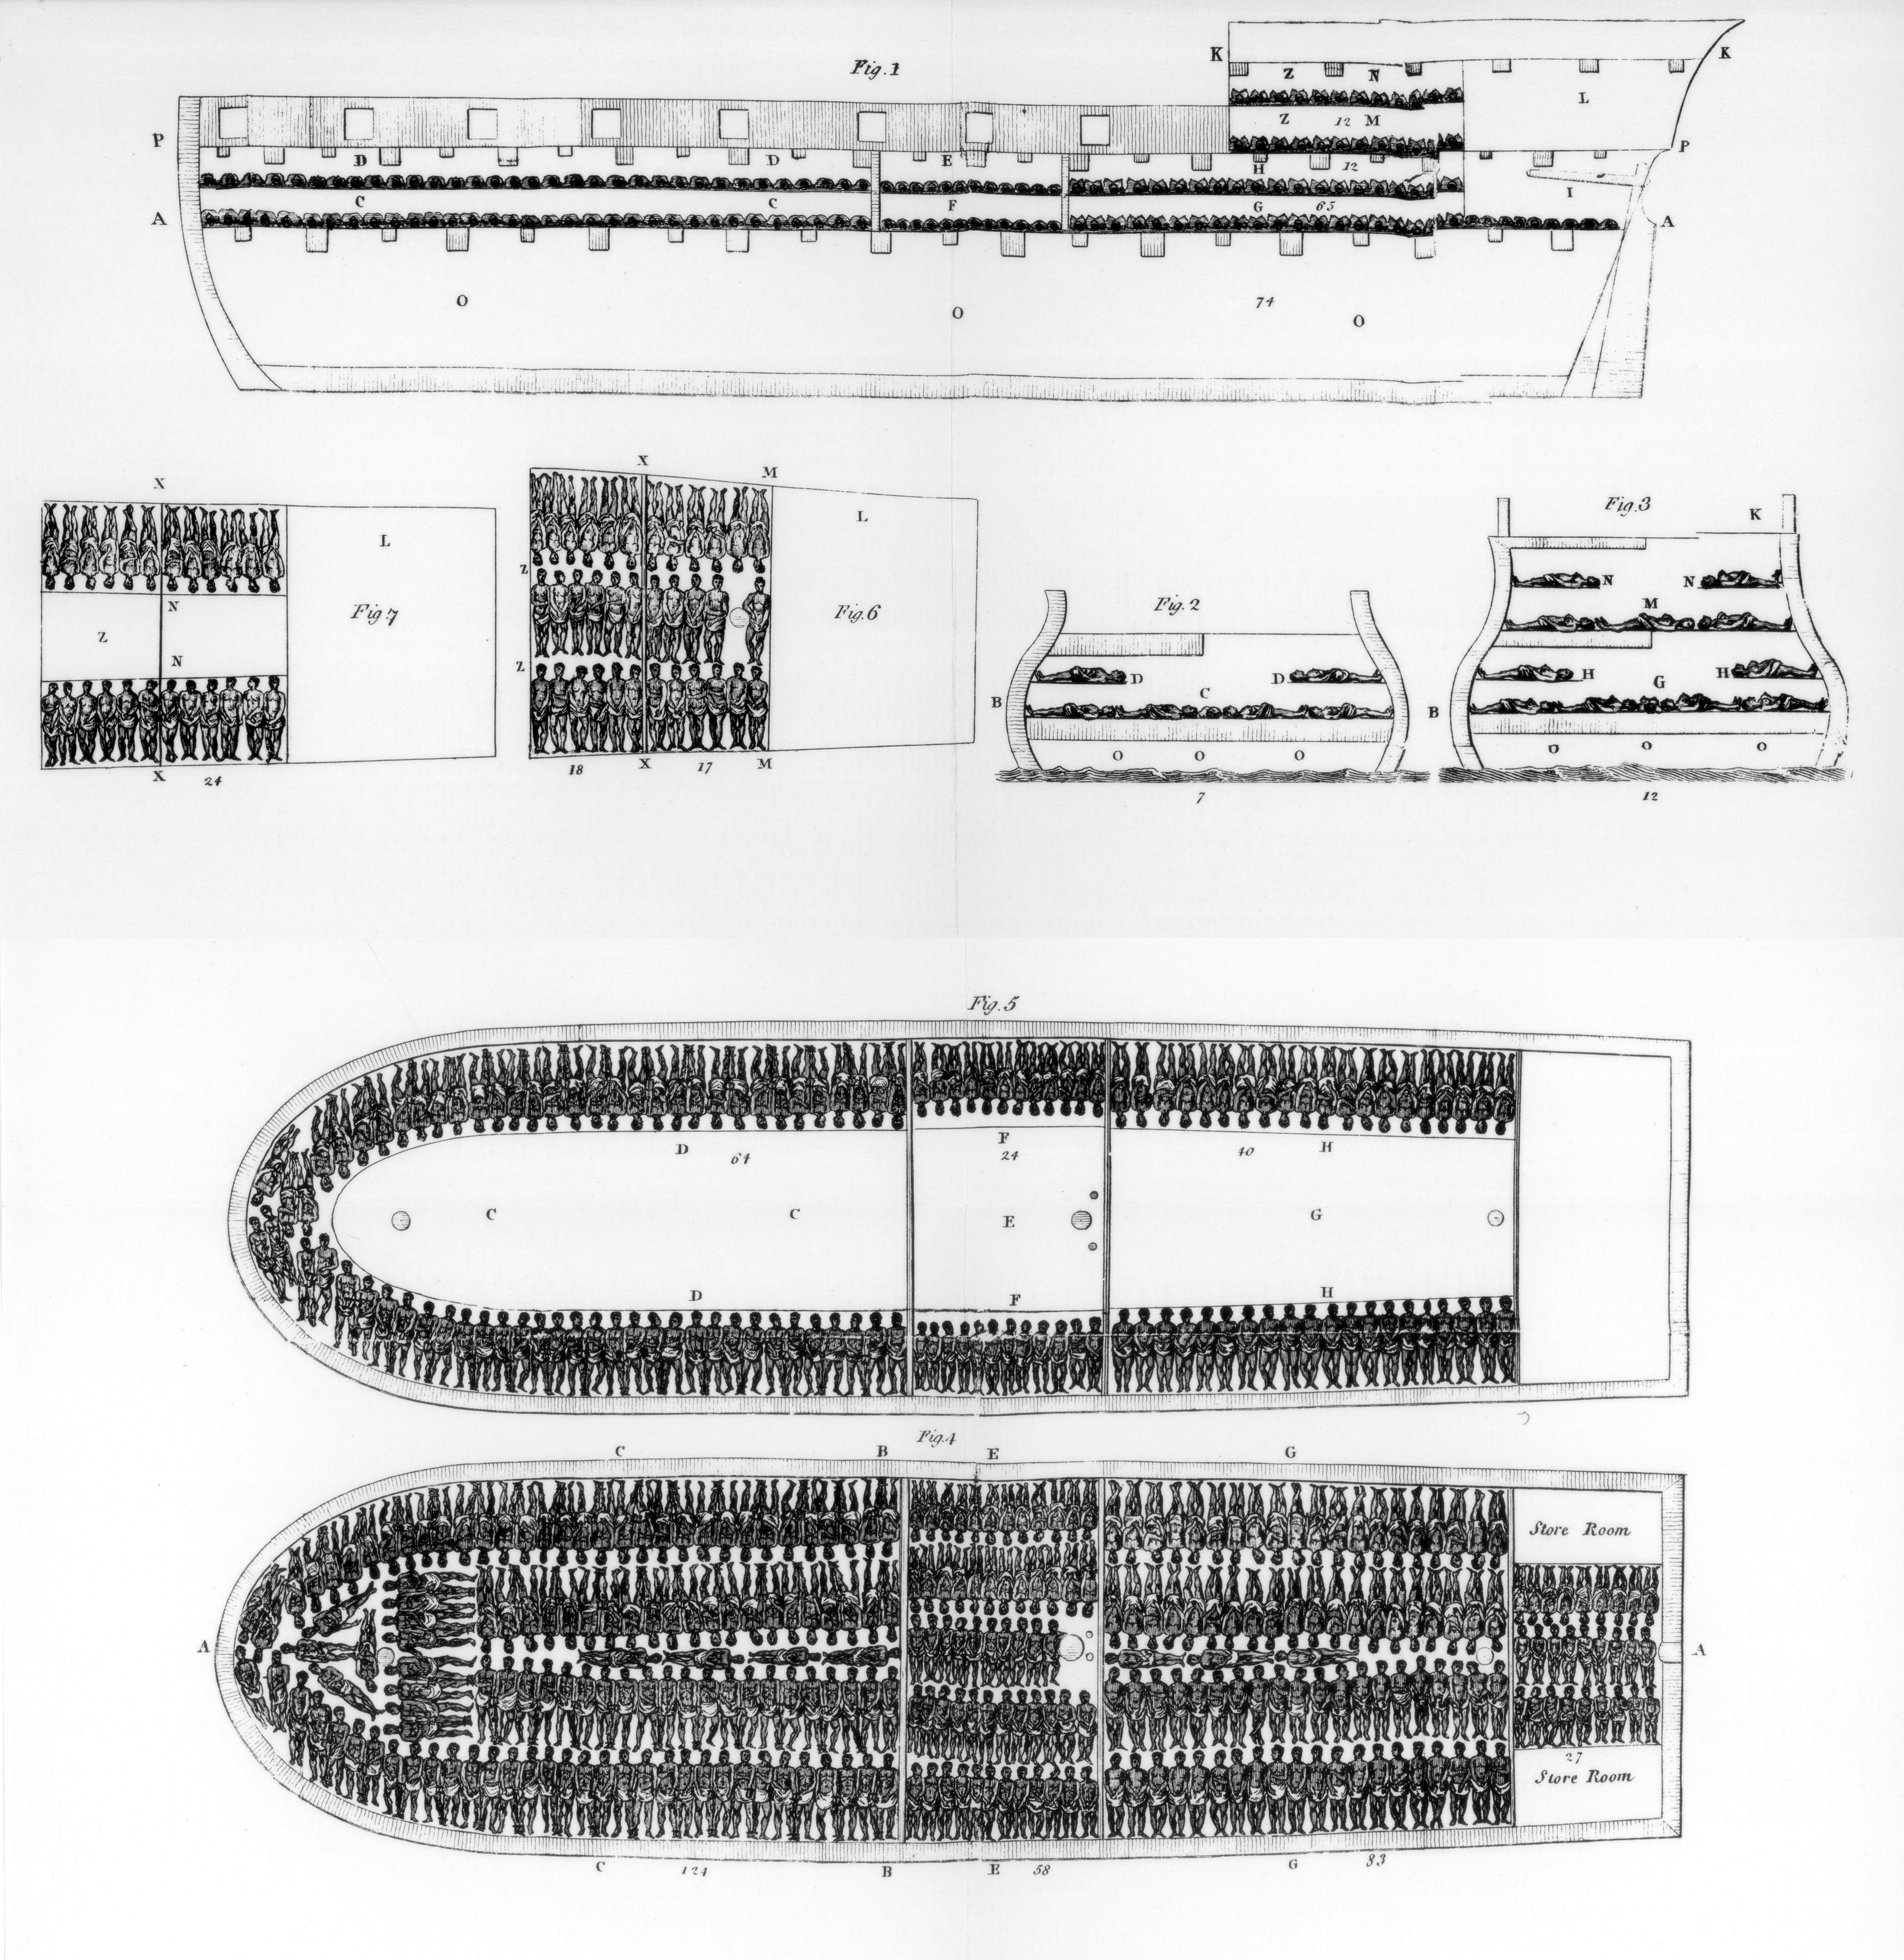 A plan of the interior of a slave ship, 1808.